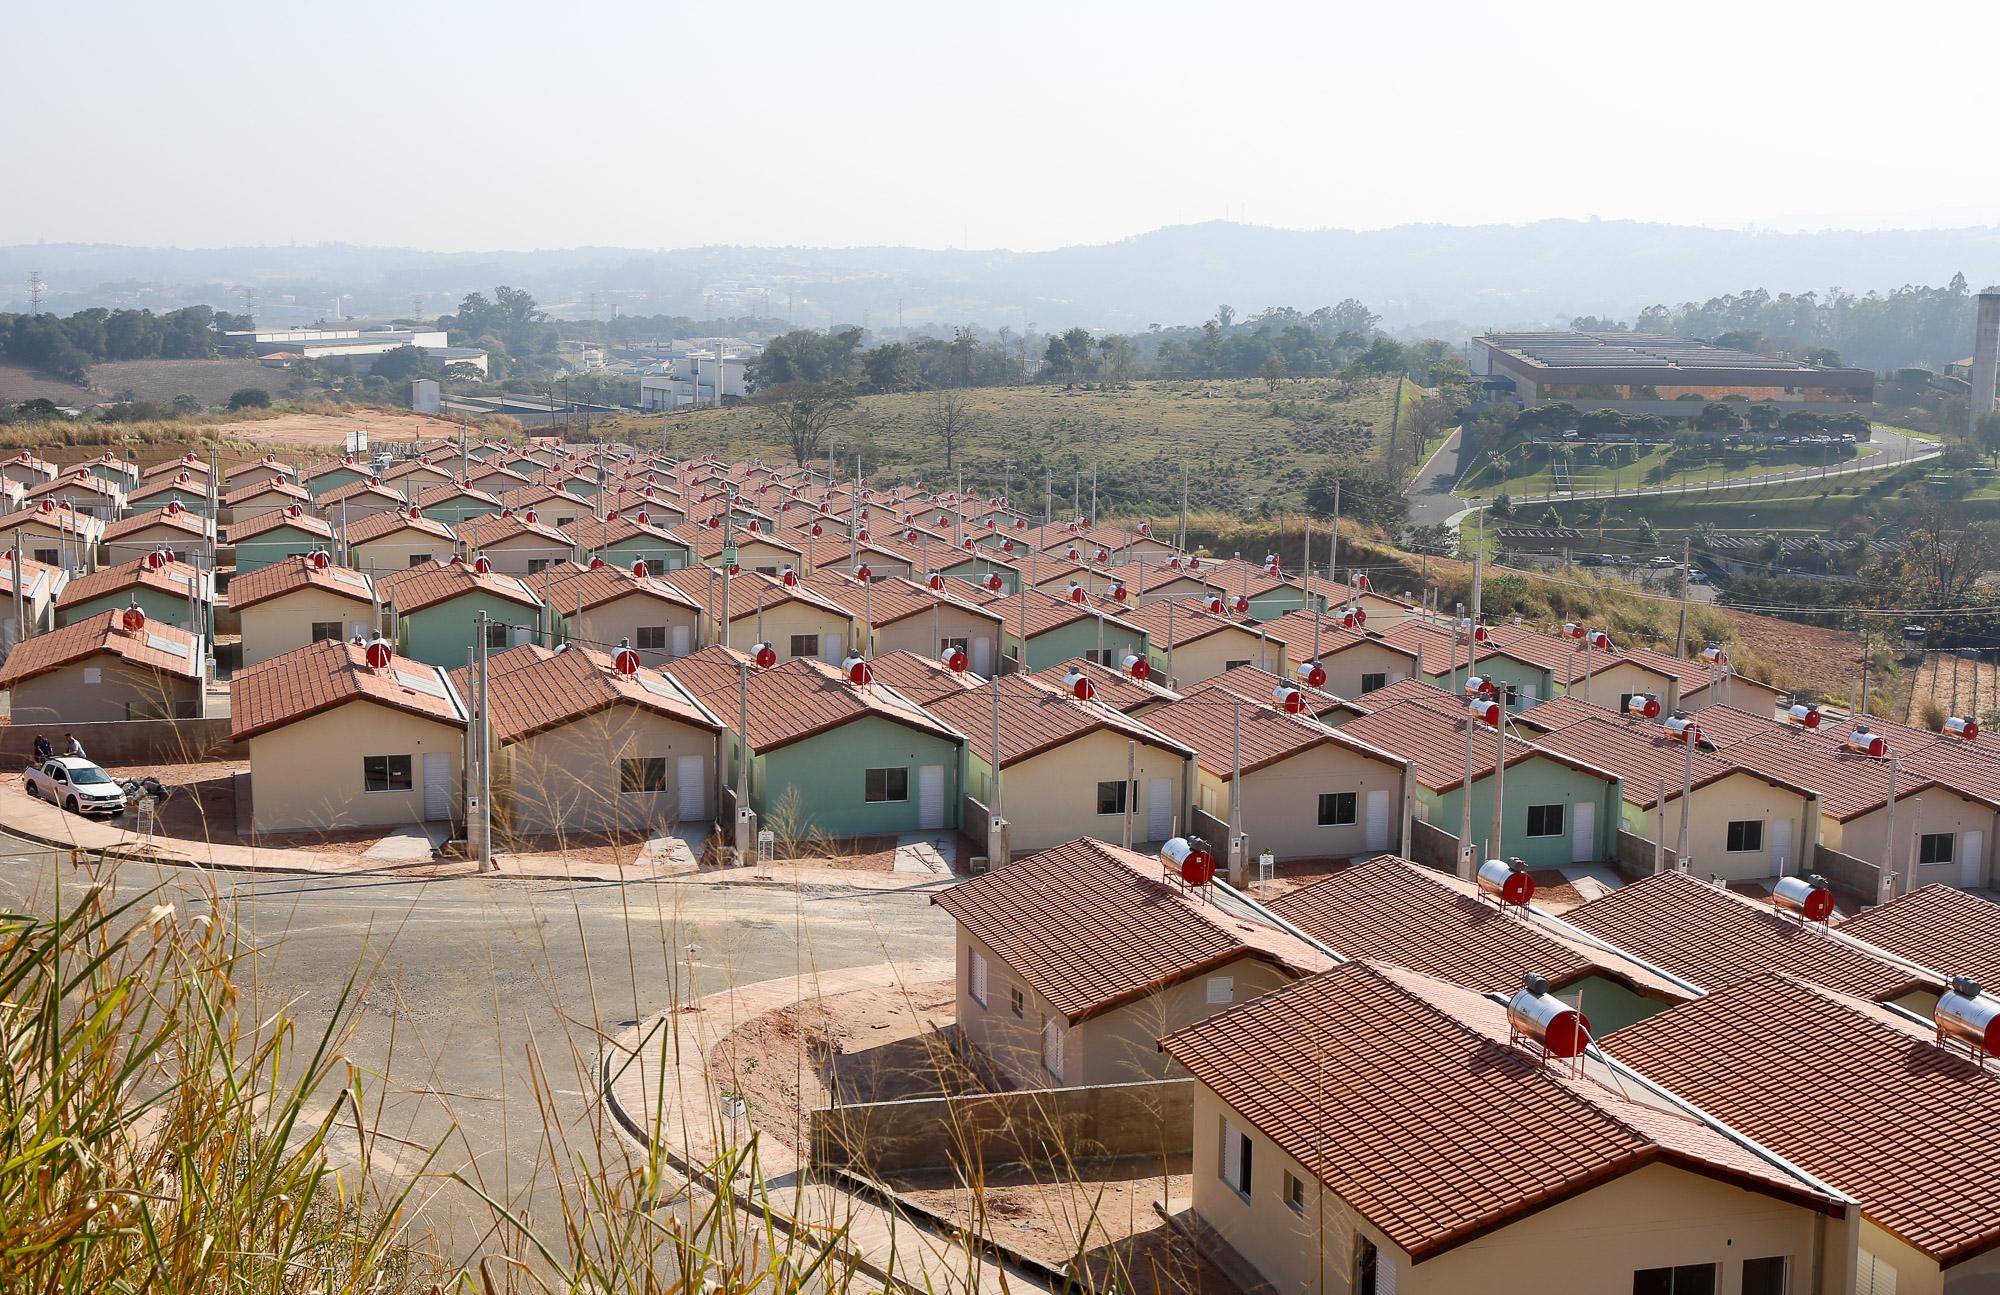 noticia Prefeito apresenta mais um conjunto habitacional para Louveira: O popular V